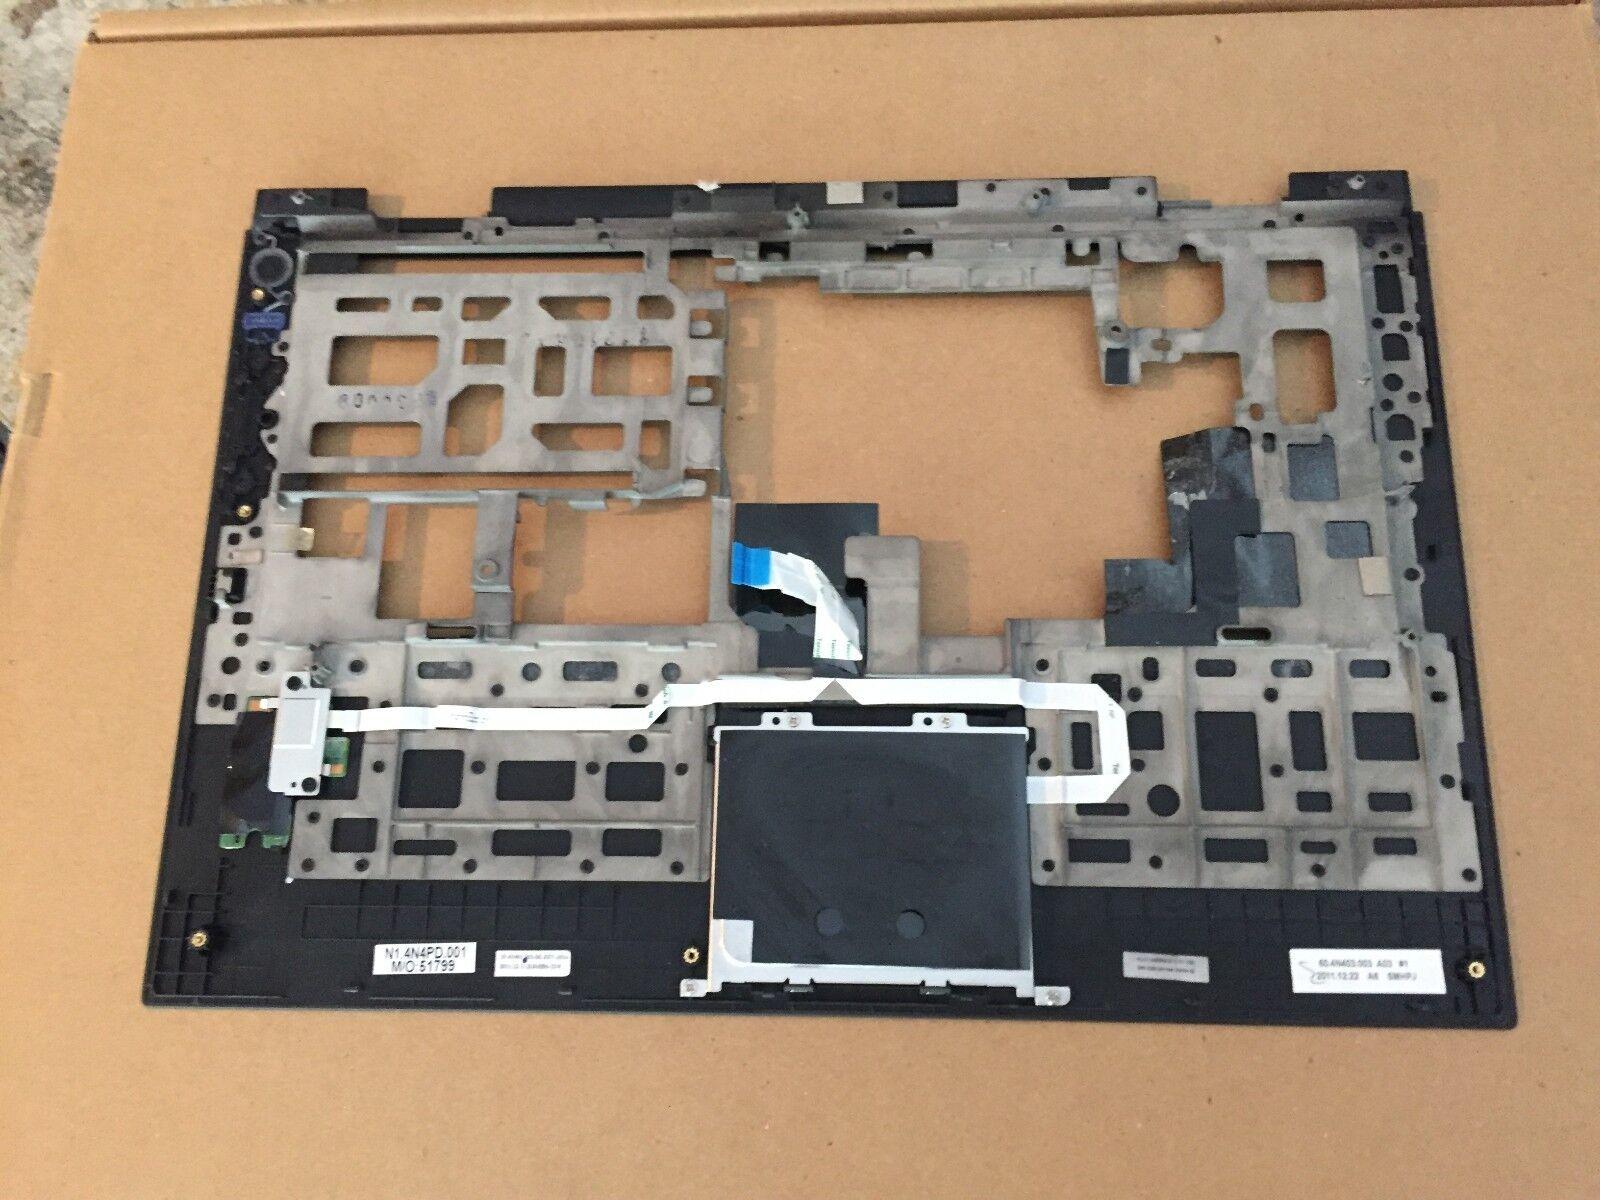 NEW//Oirg IBM Lenovo thinkpad X1 X1 Hybrid palmrest cover keyboard bezel 04W3349